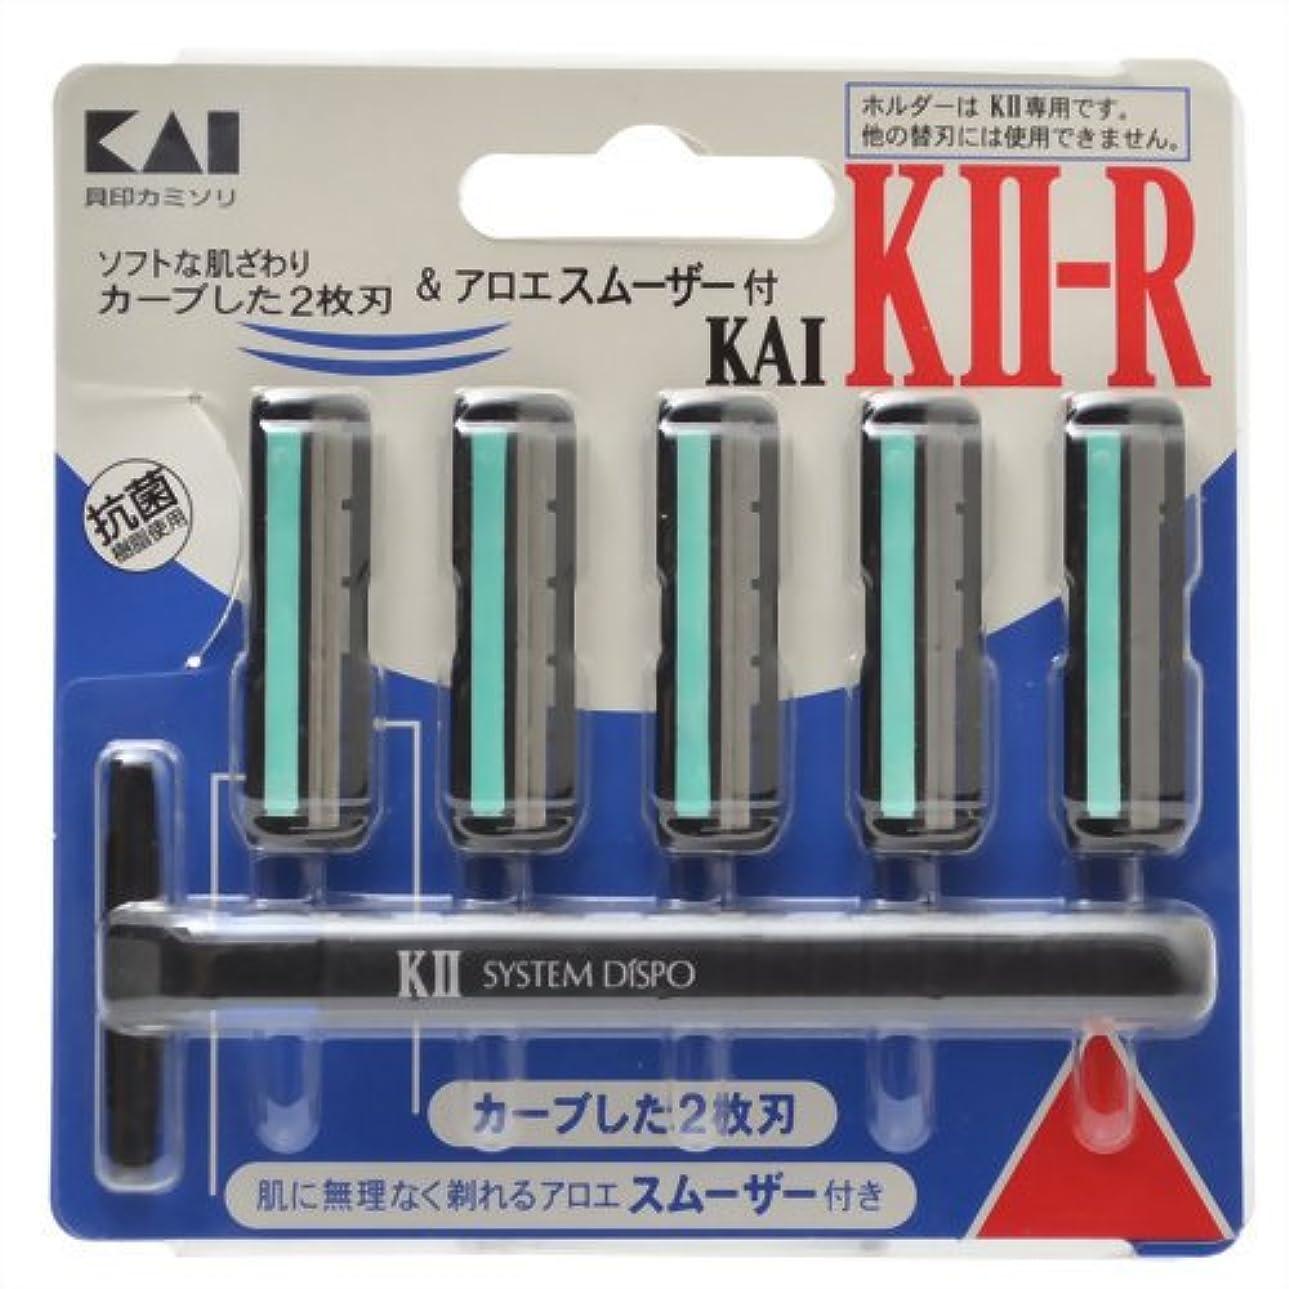 ビルダー組み込む例外貝印 KAI KII-R ひげそり用カミソリ アロエスムーザー付